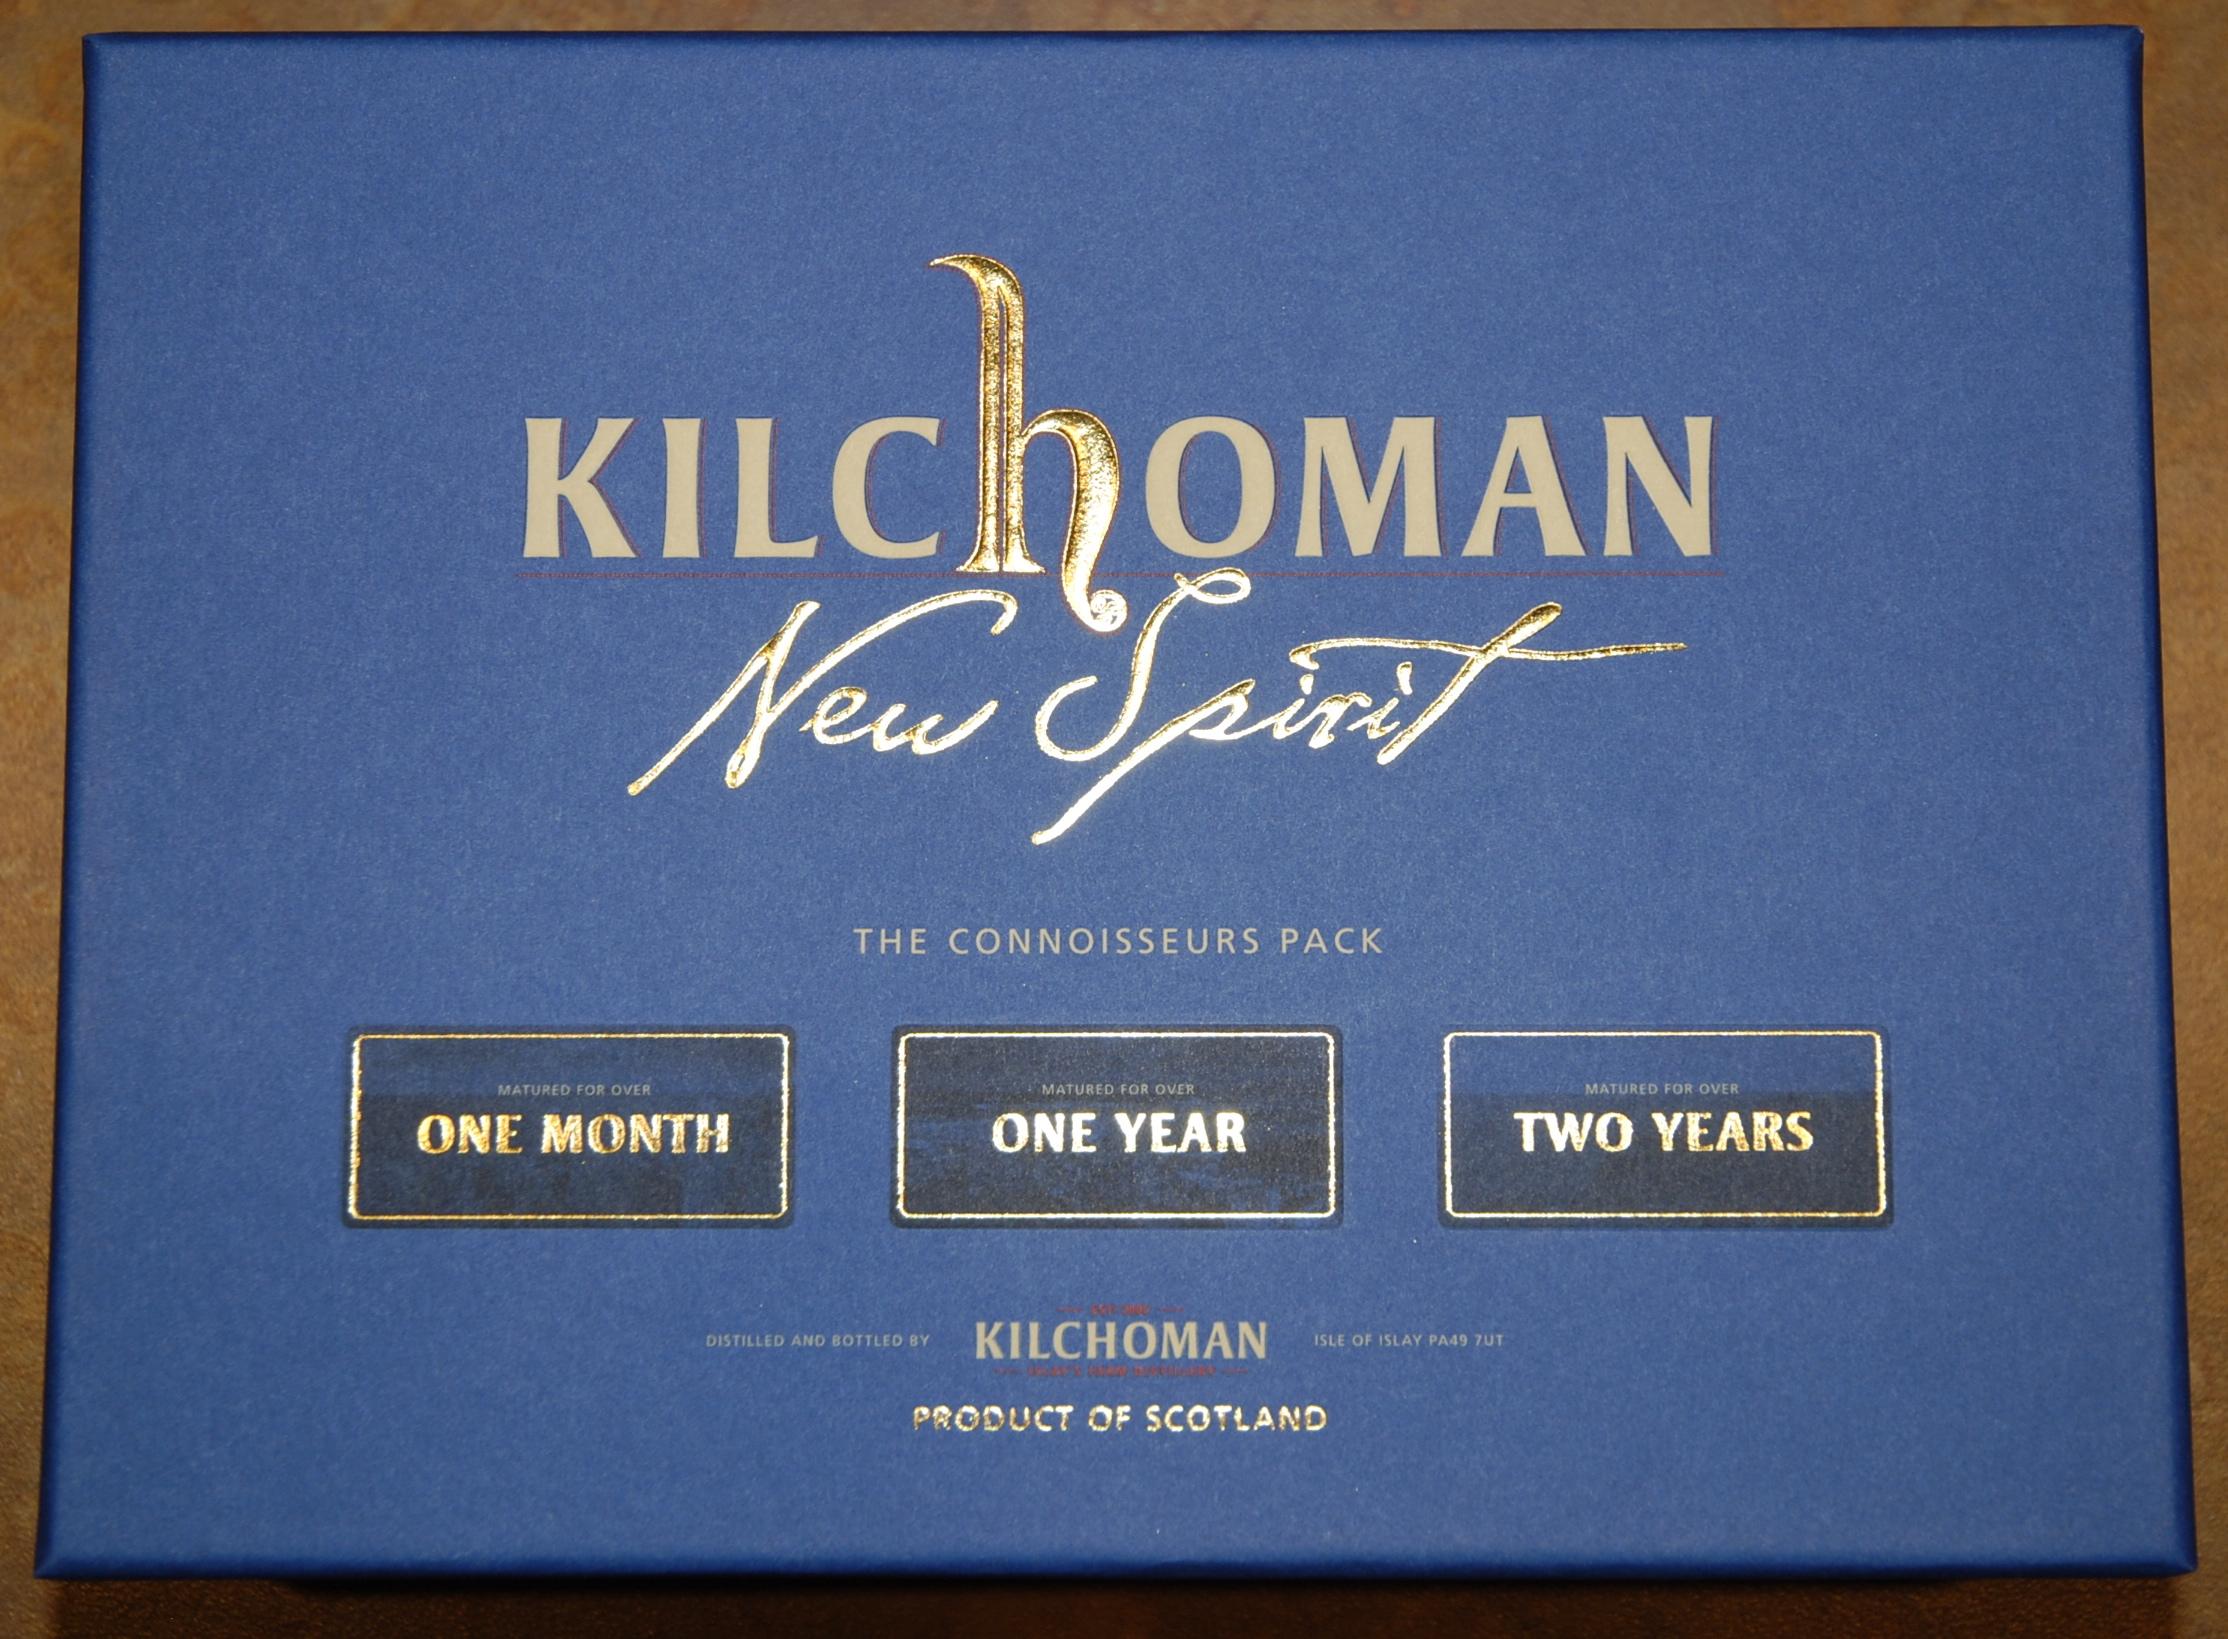 Kilchoman Connoisseurs Pack box